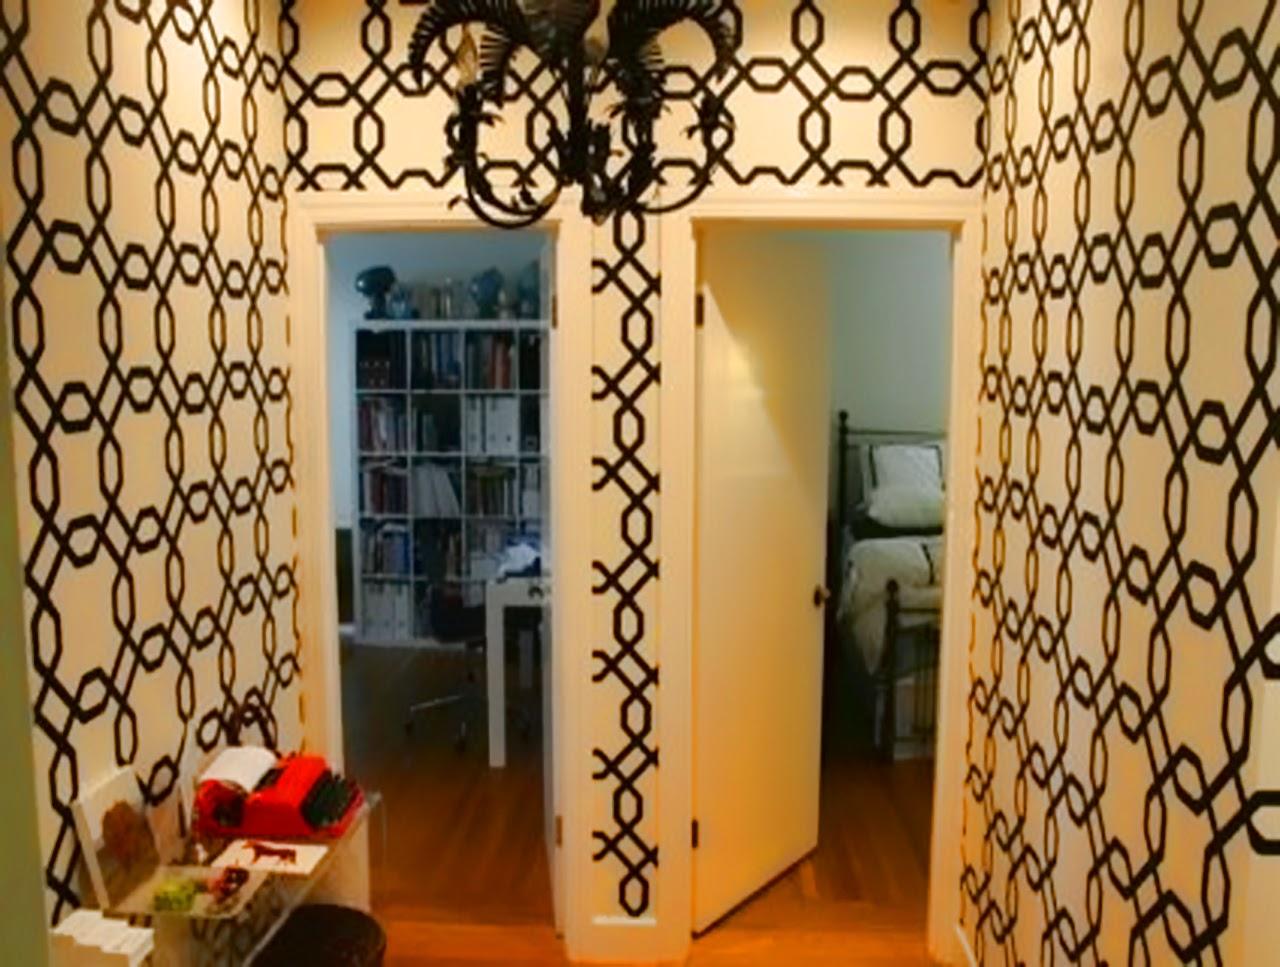 sherwin williams wallpaper sherwin williams wallpaper sherwin williams 1280x967